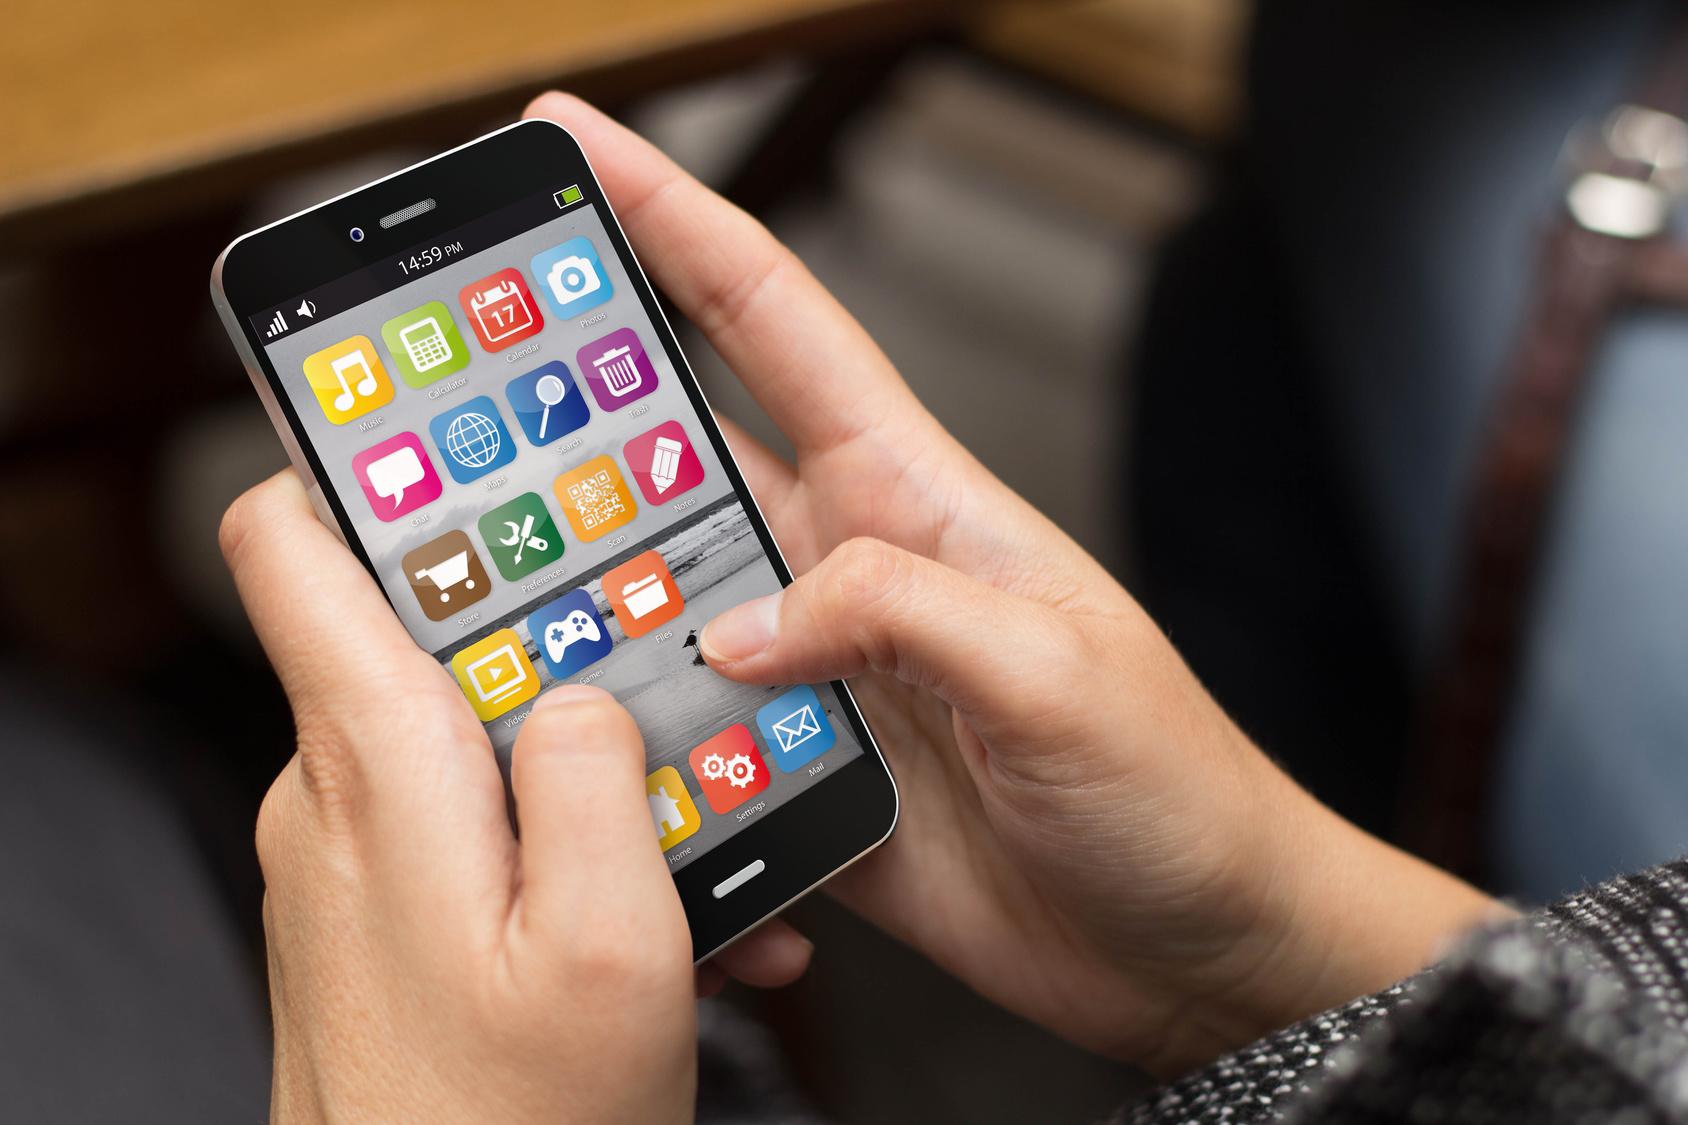 Gehirnjogging: Jemand hält ein Smartphone zwischen den Händen. und tippt auf die Apps auf dem Display